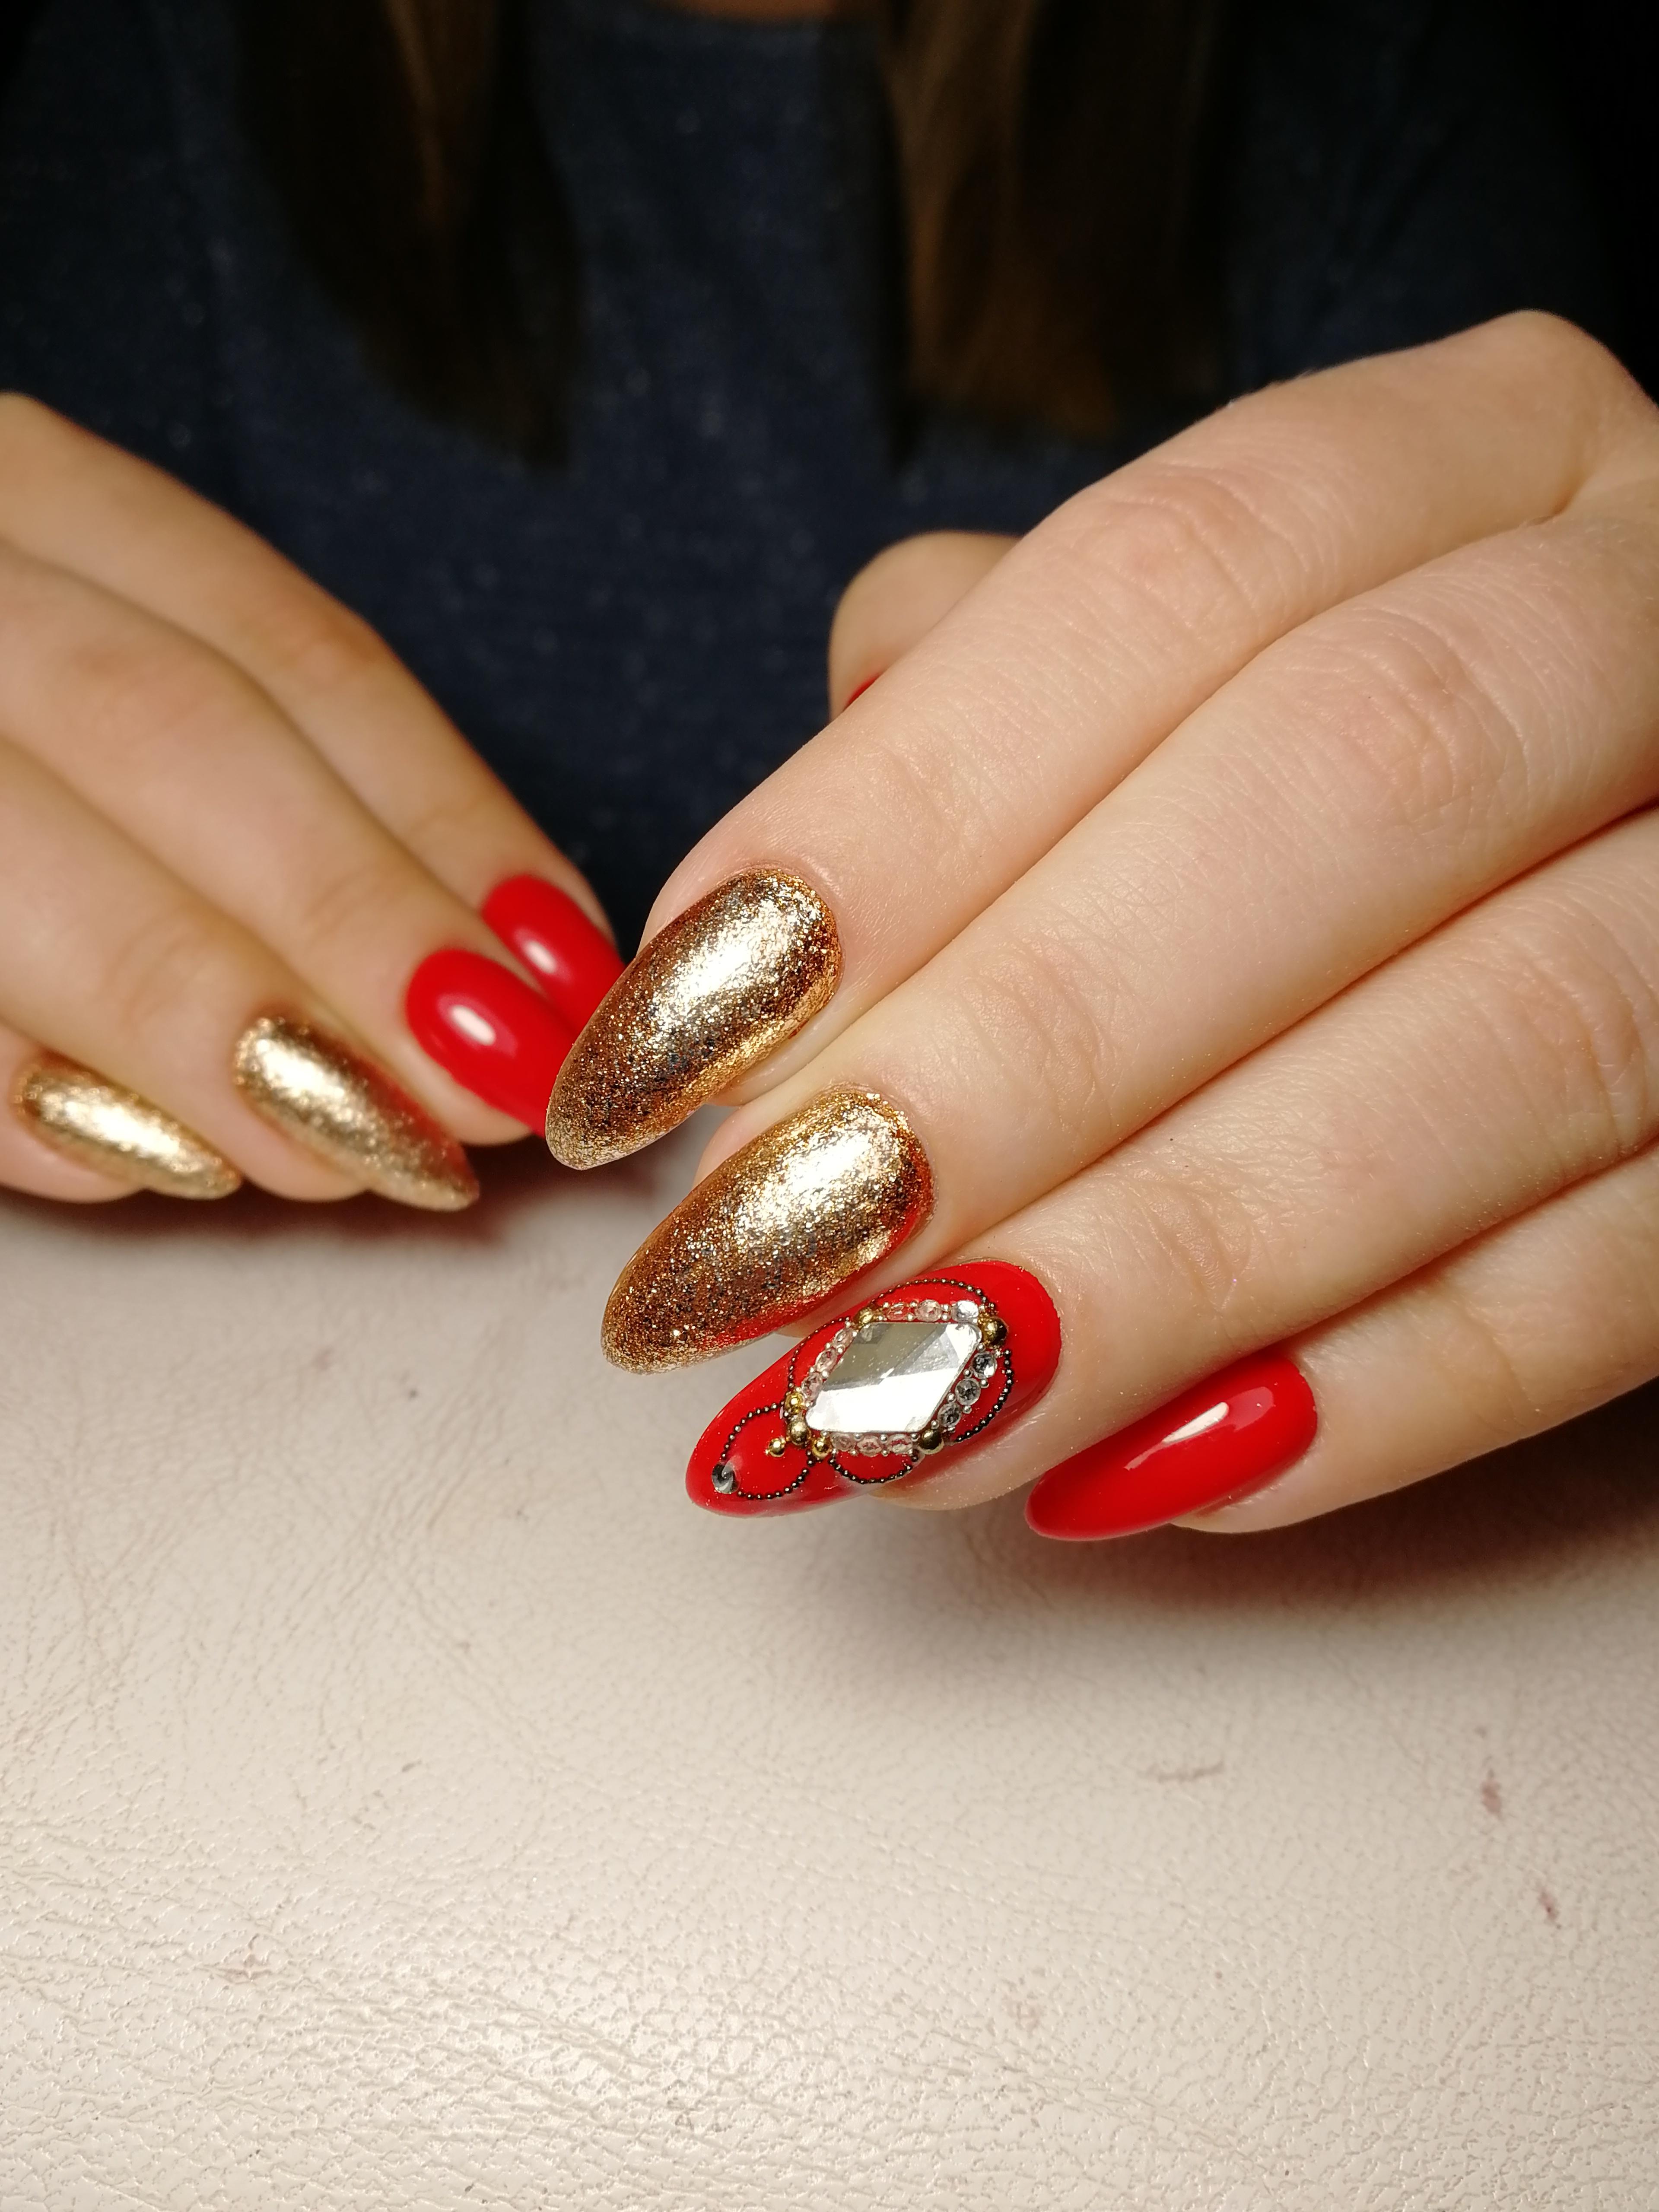 Маникюр с золотыми блестками и стразами в красном цвете.